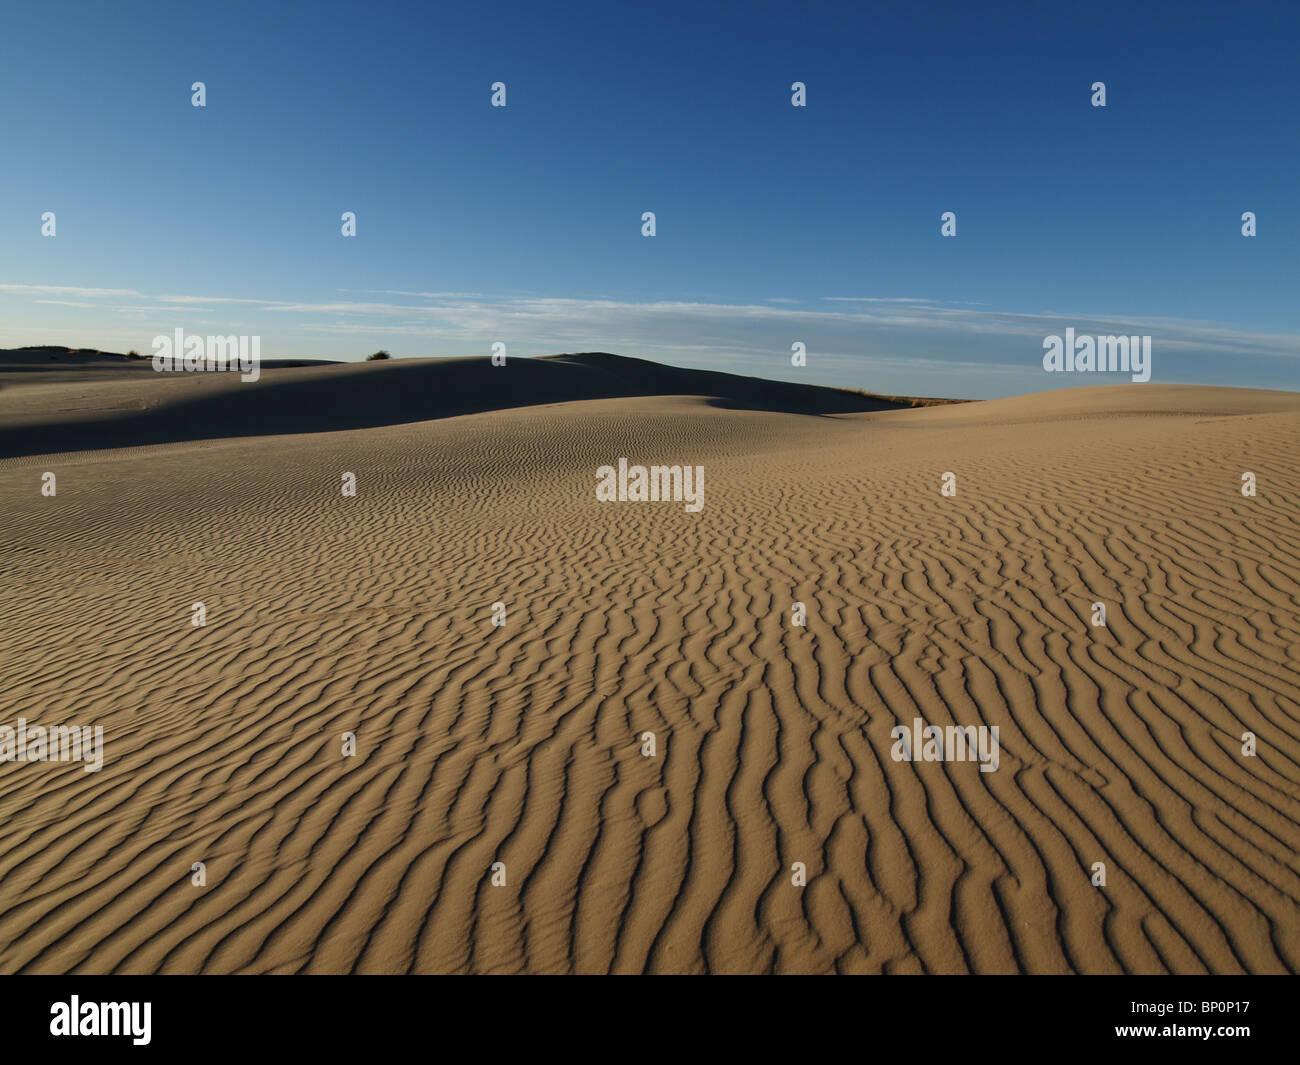 Sand dune patterns at Dumont Dunes in California's Mojave Desert. - Stock Image